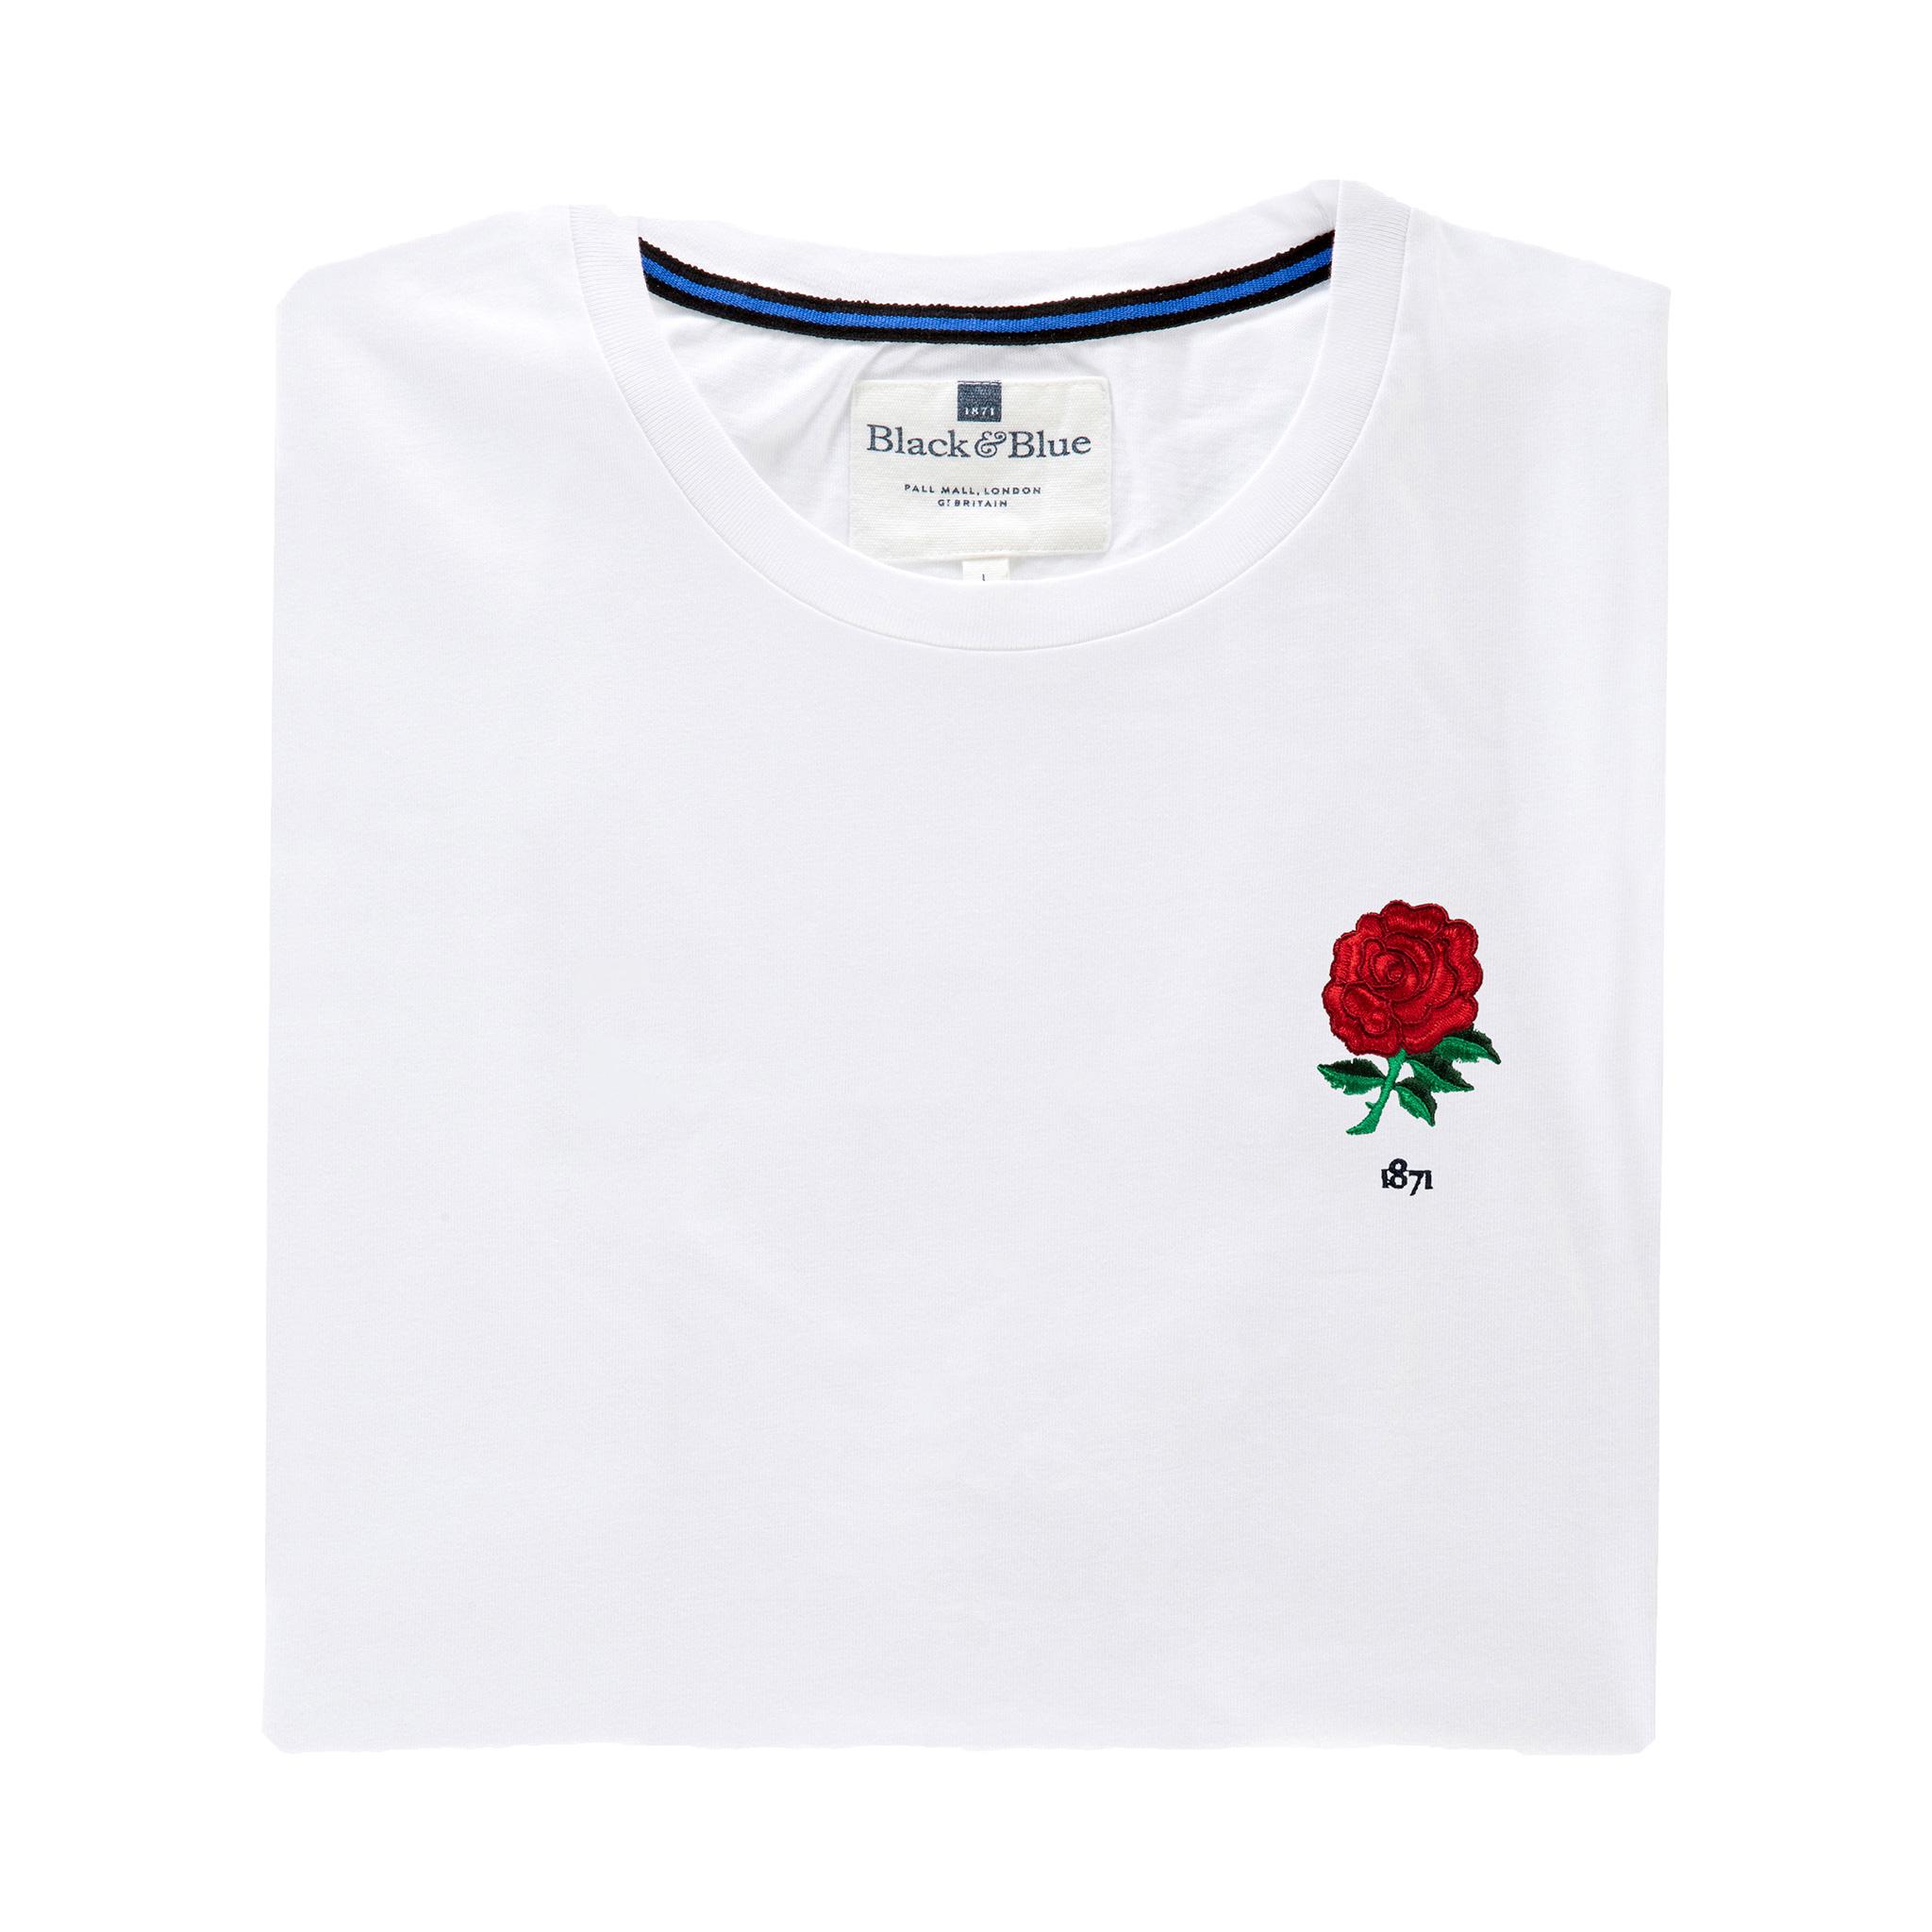 England 1871 White T-Shirt_Folded